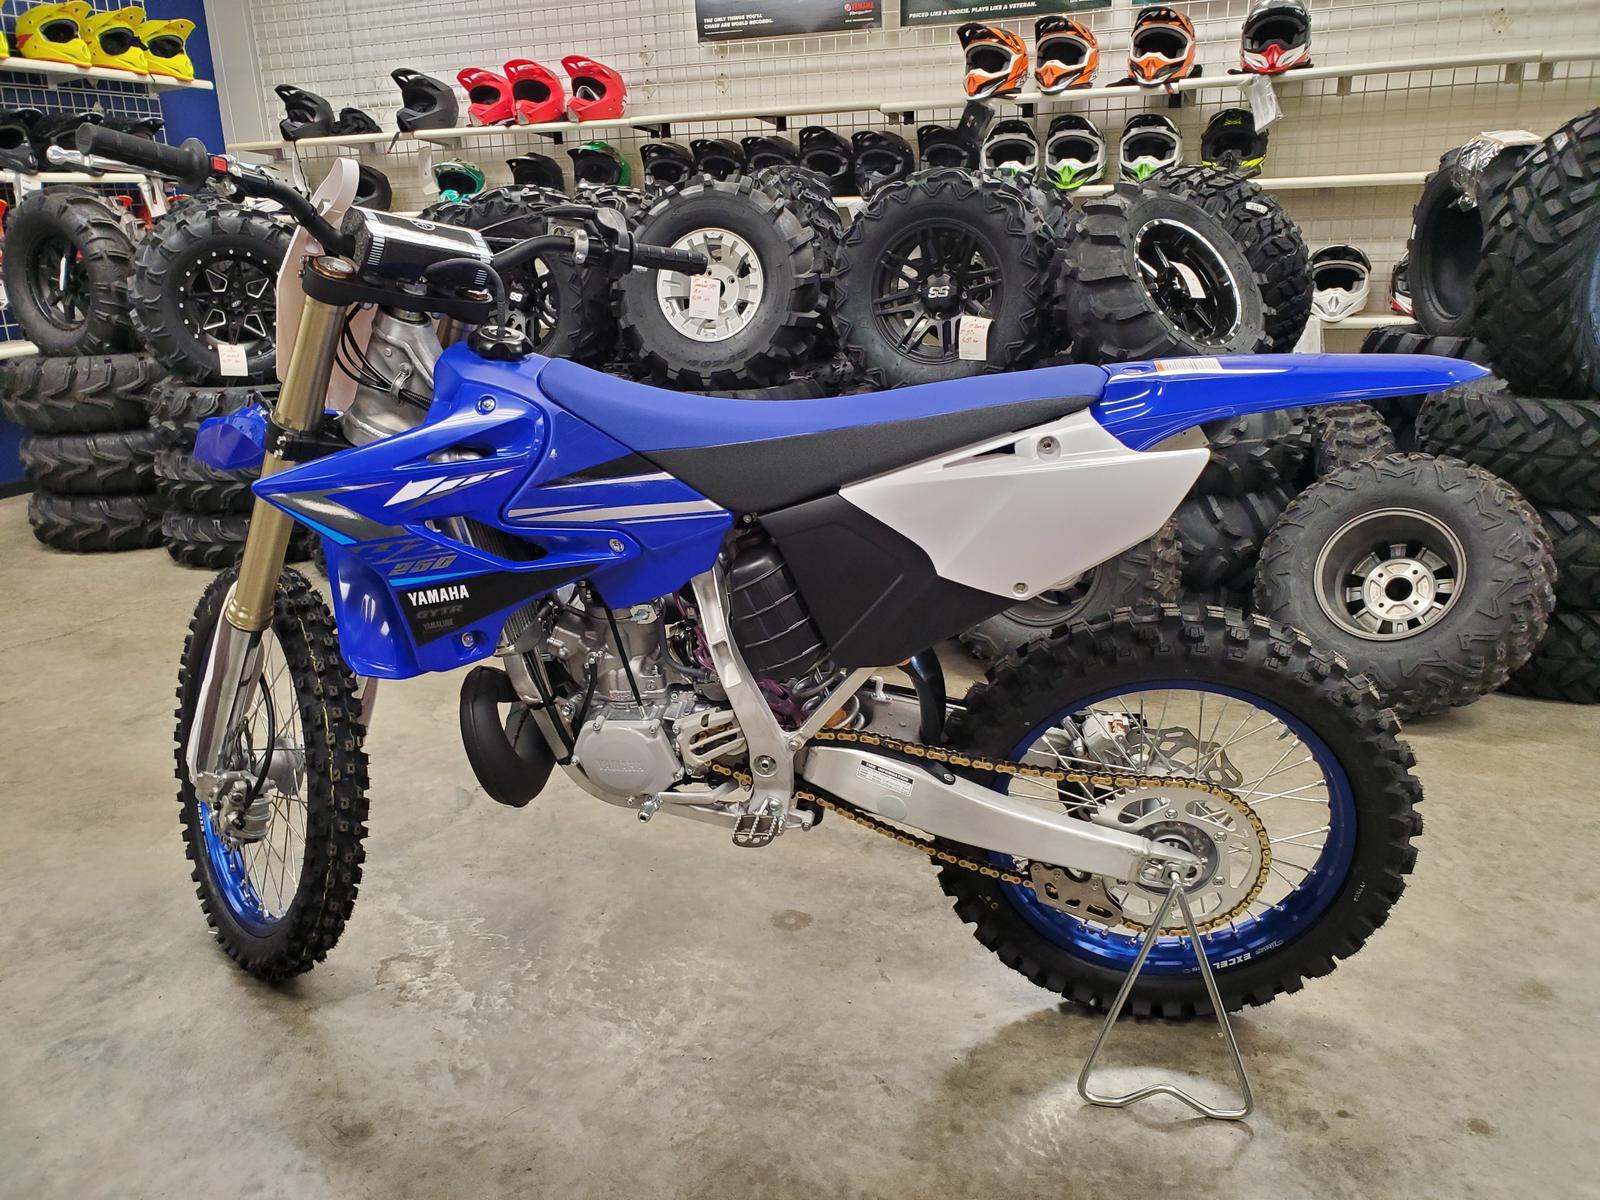 2020 Yamaha YZ250 2-stroke power!